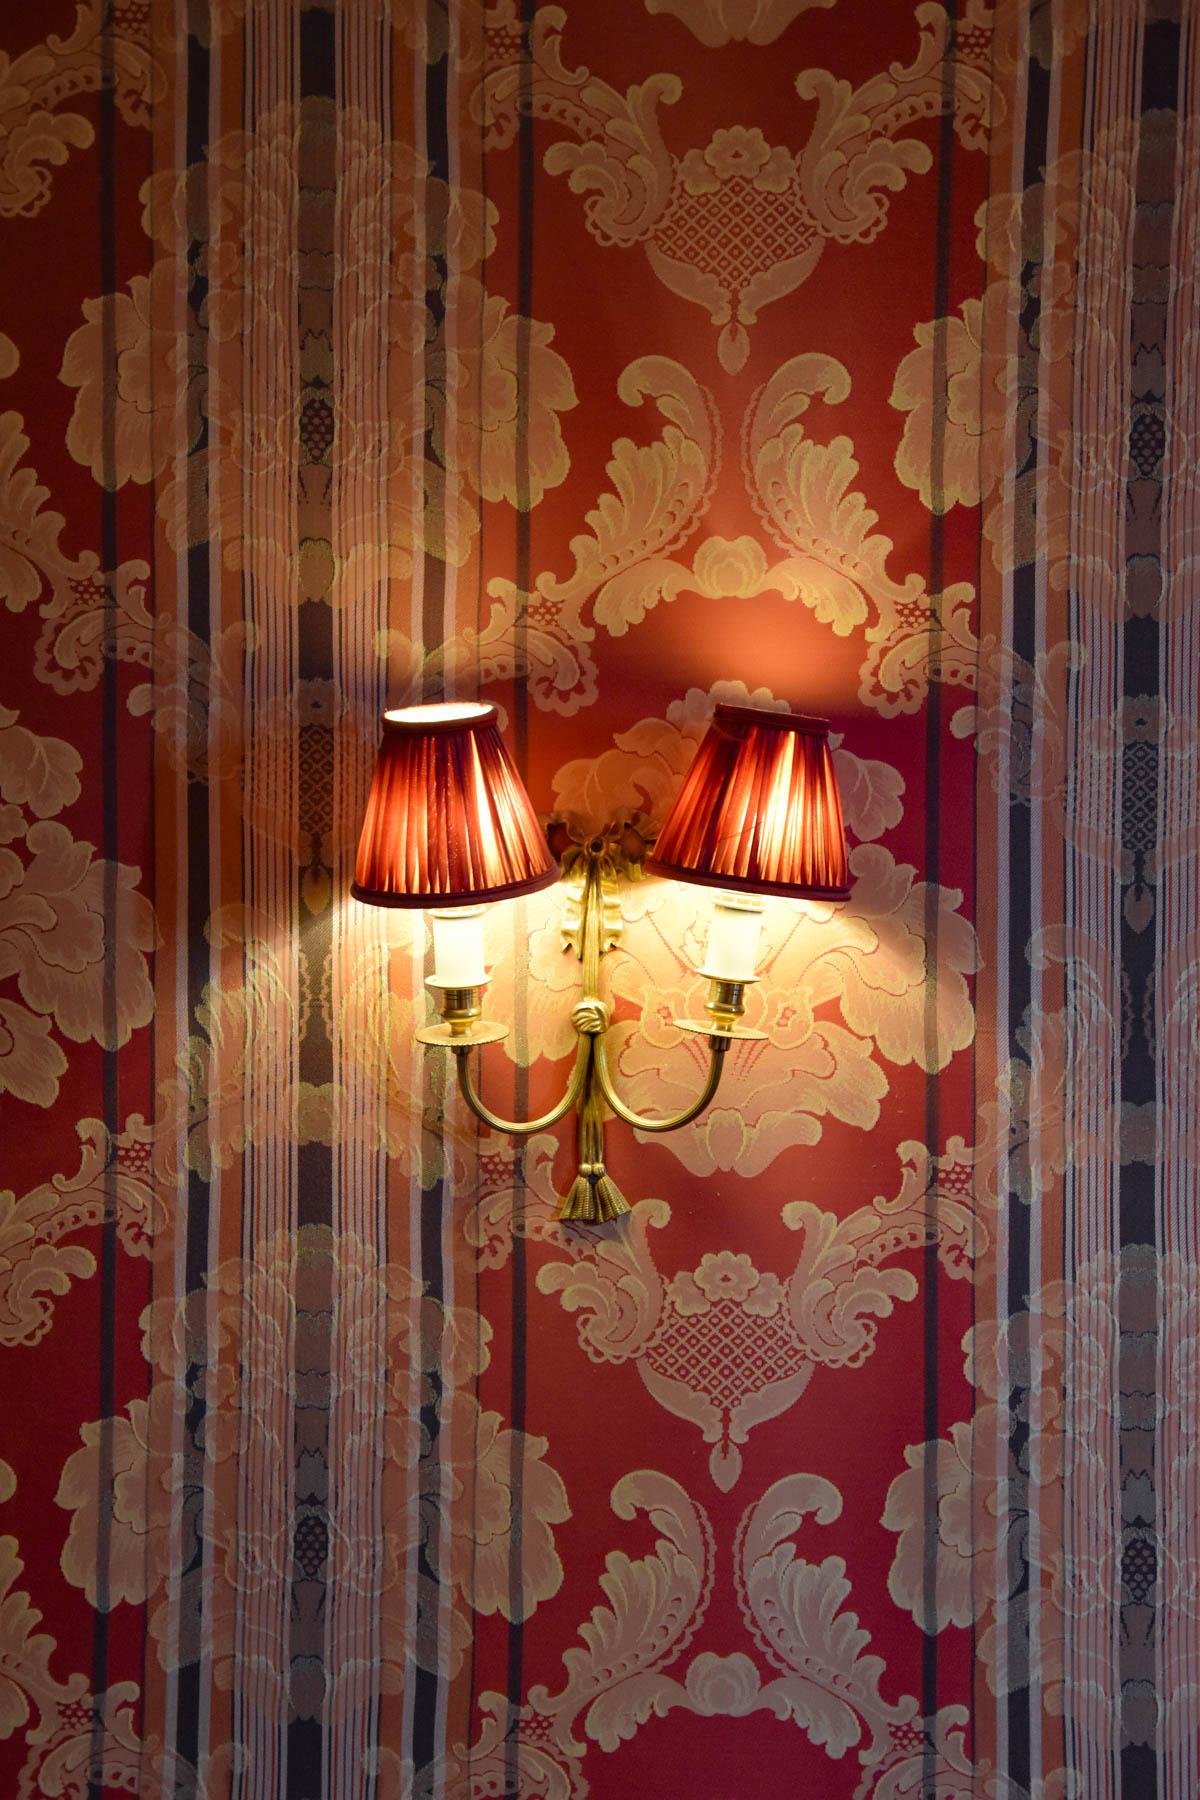 Luminaire de l'hôtel Le Grand Monarque à Chartres